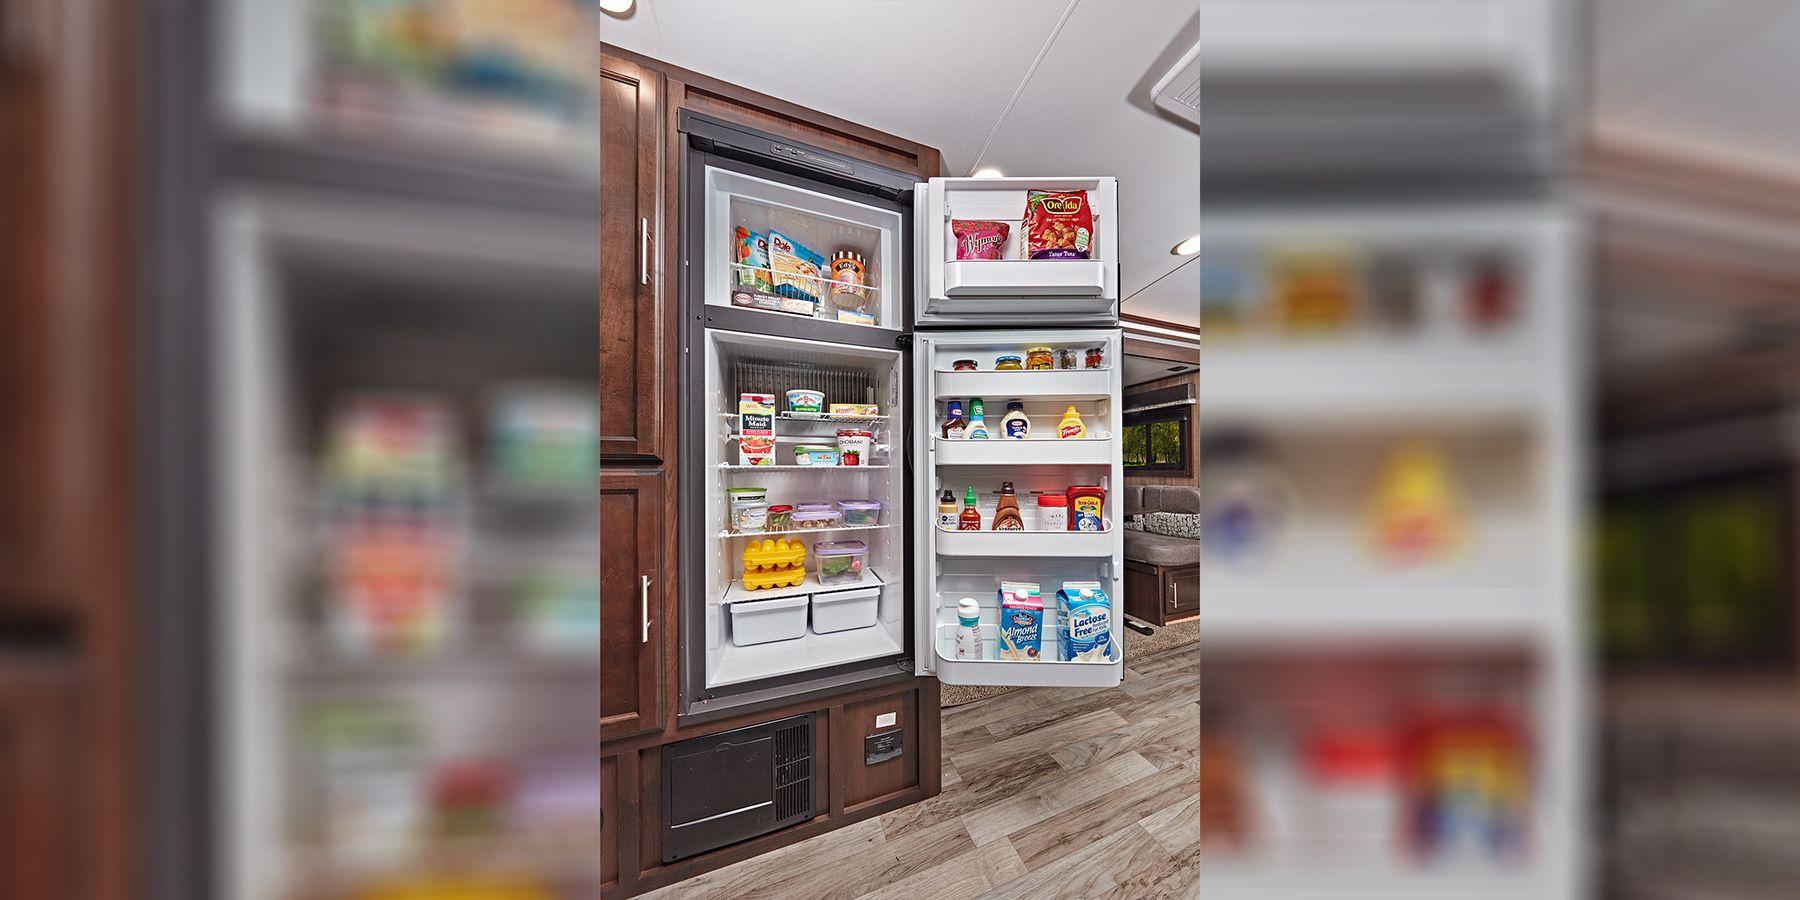 Comment fonctionne le réfrigérateur d'une roulotte?